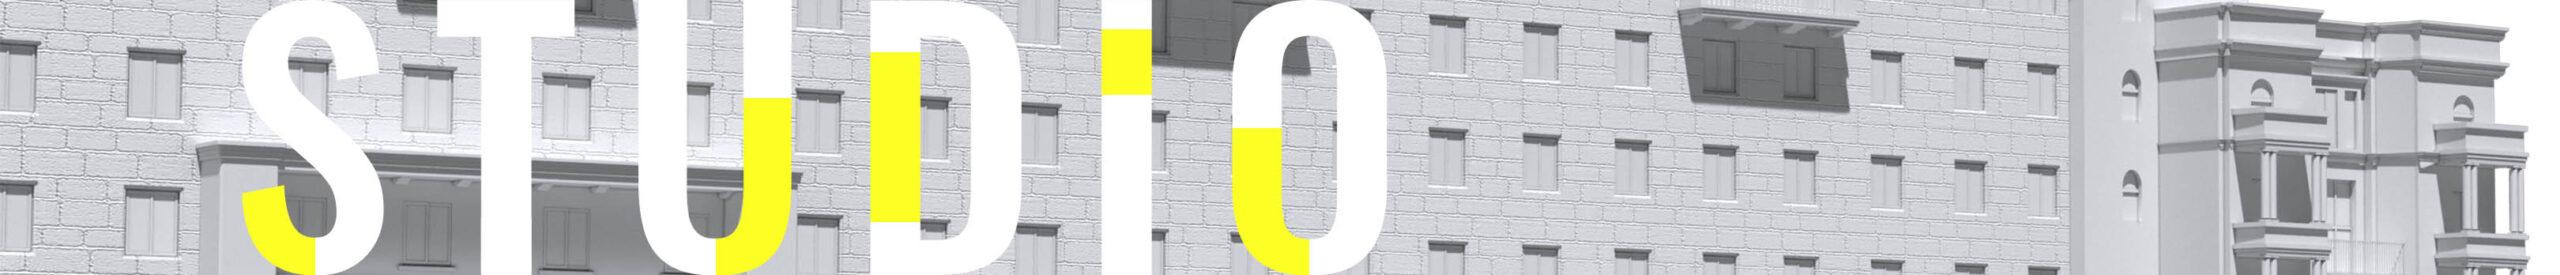 Десктопное лого 4